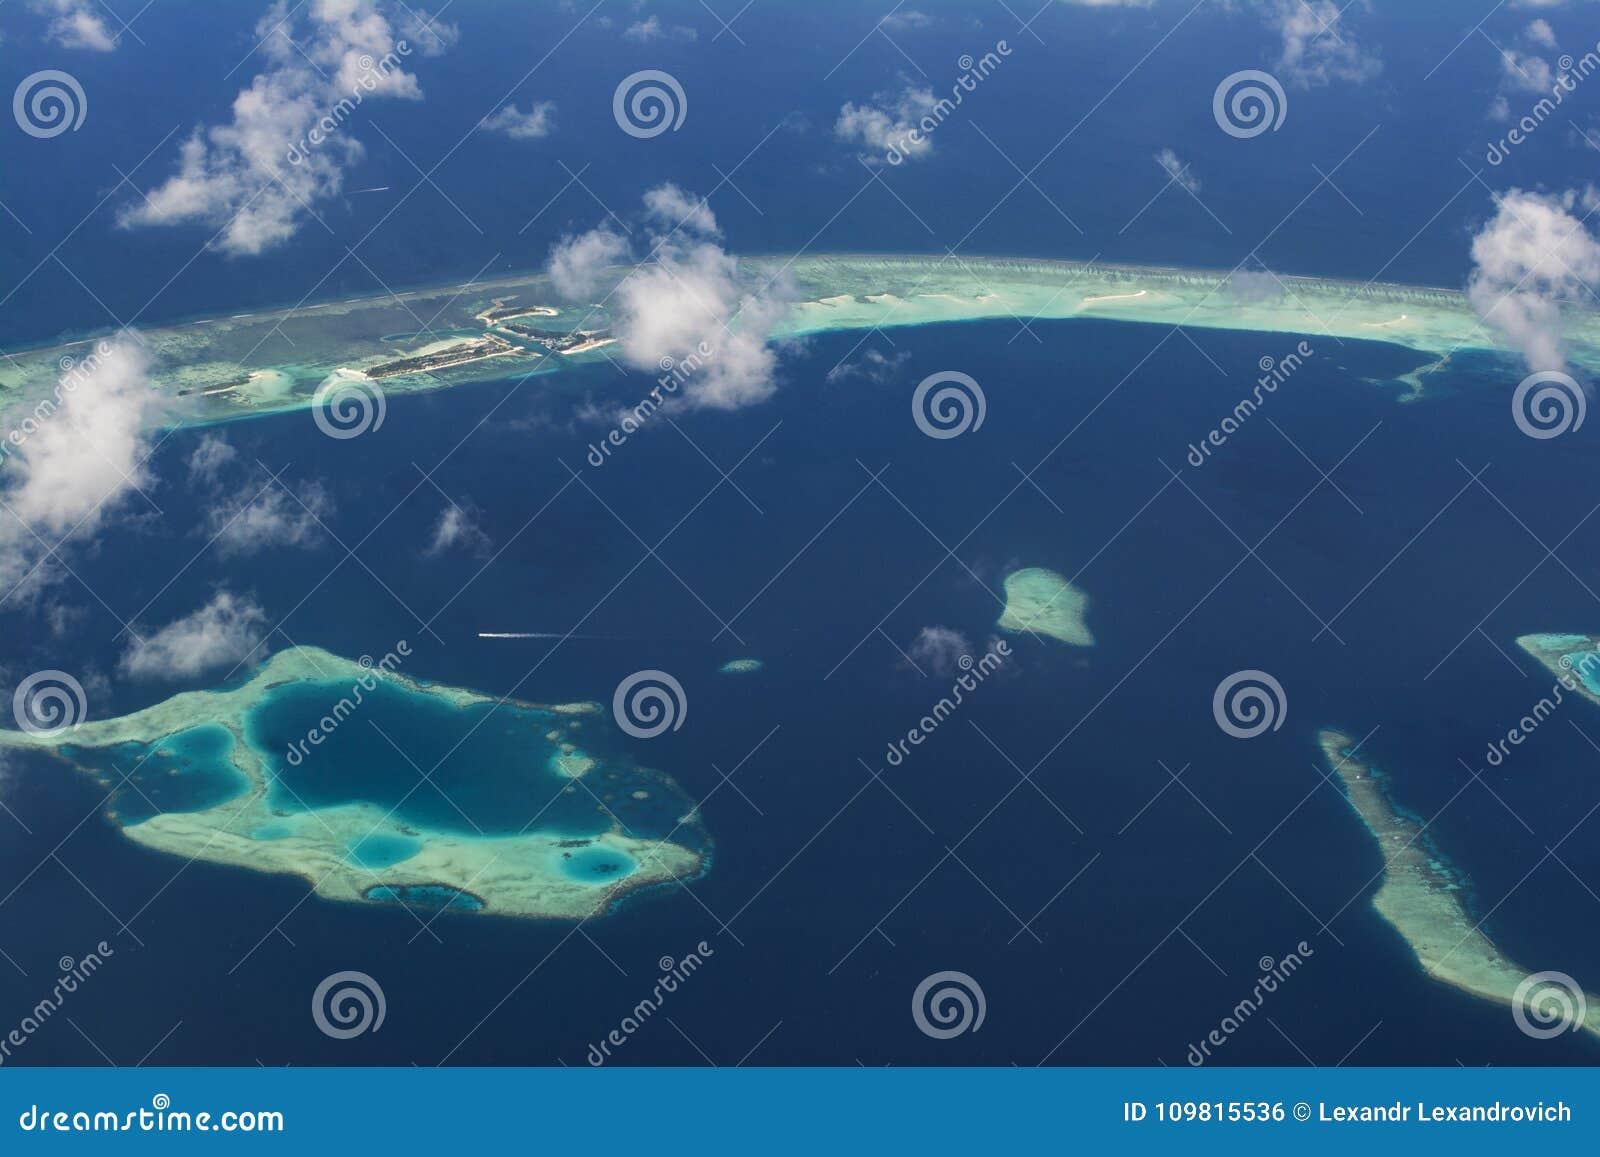 Erstaunliche schöne Vogelperspektive des Atolls mit Tropeninseln bei Malediven